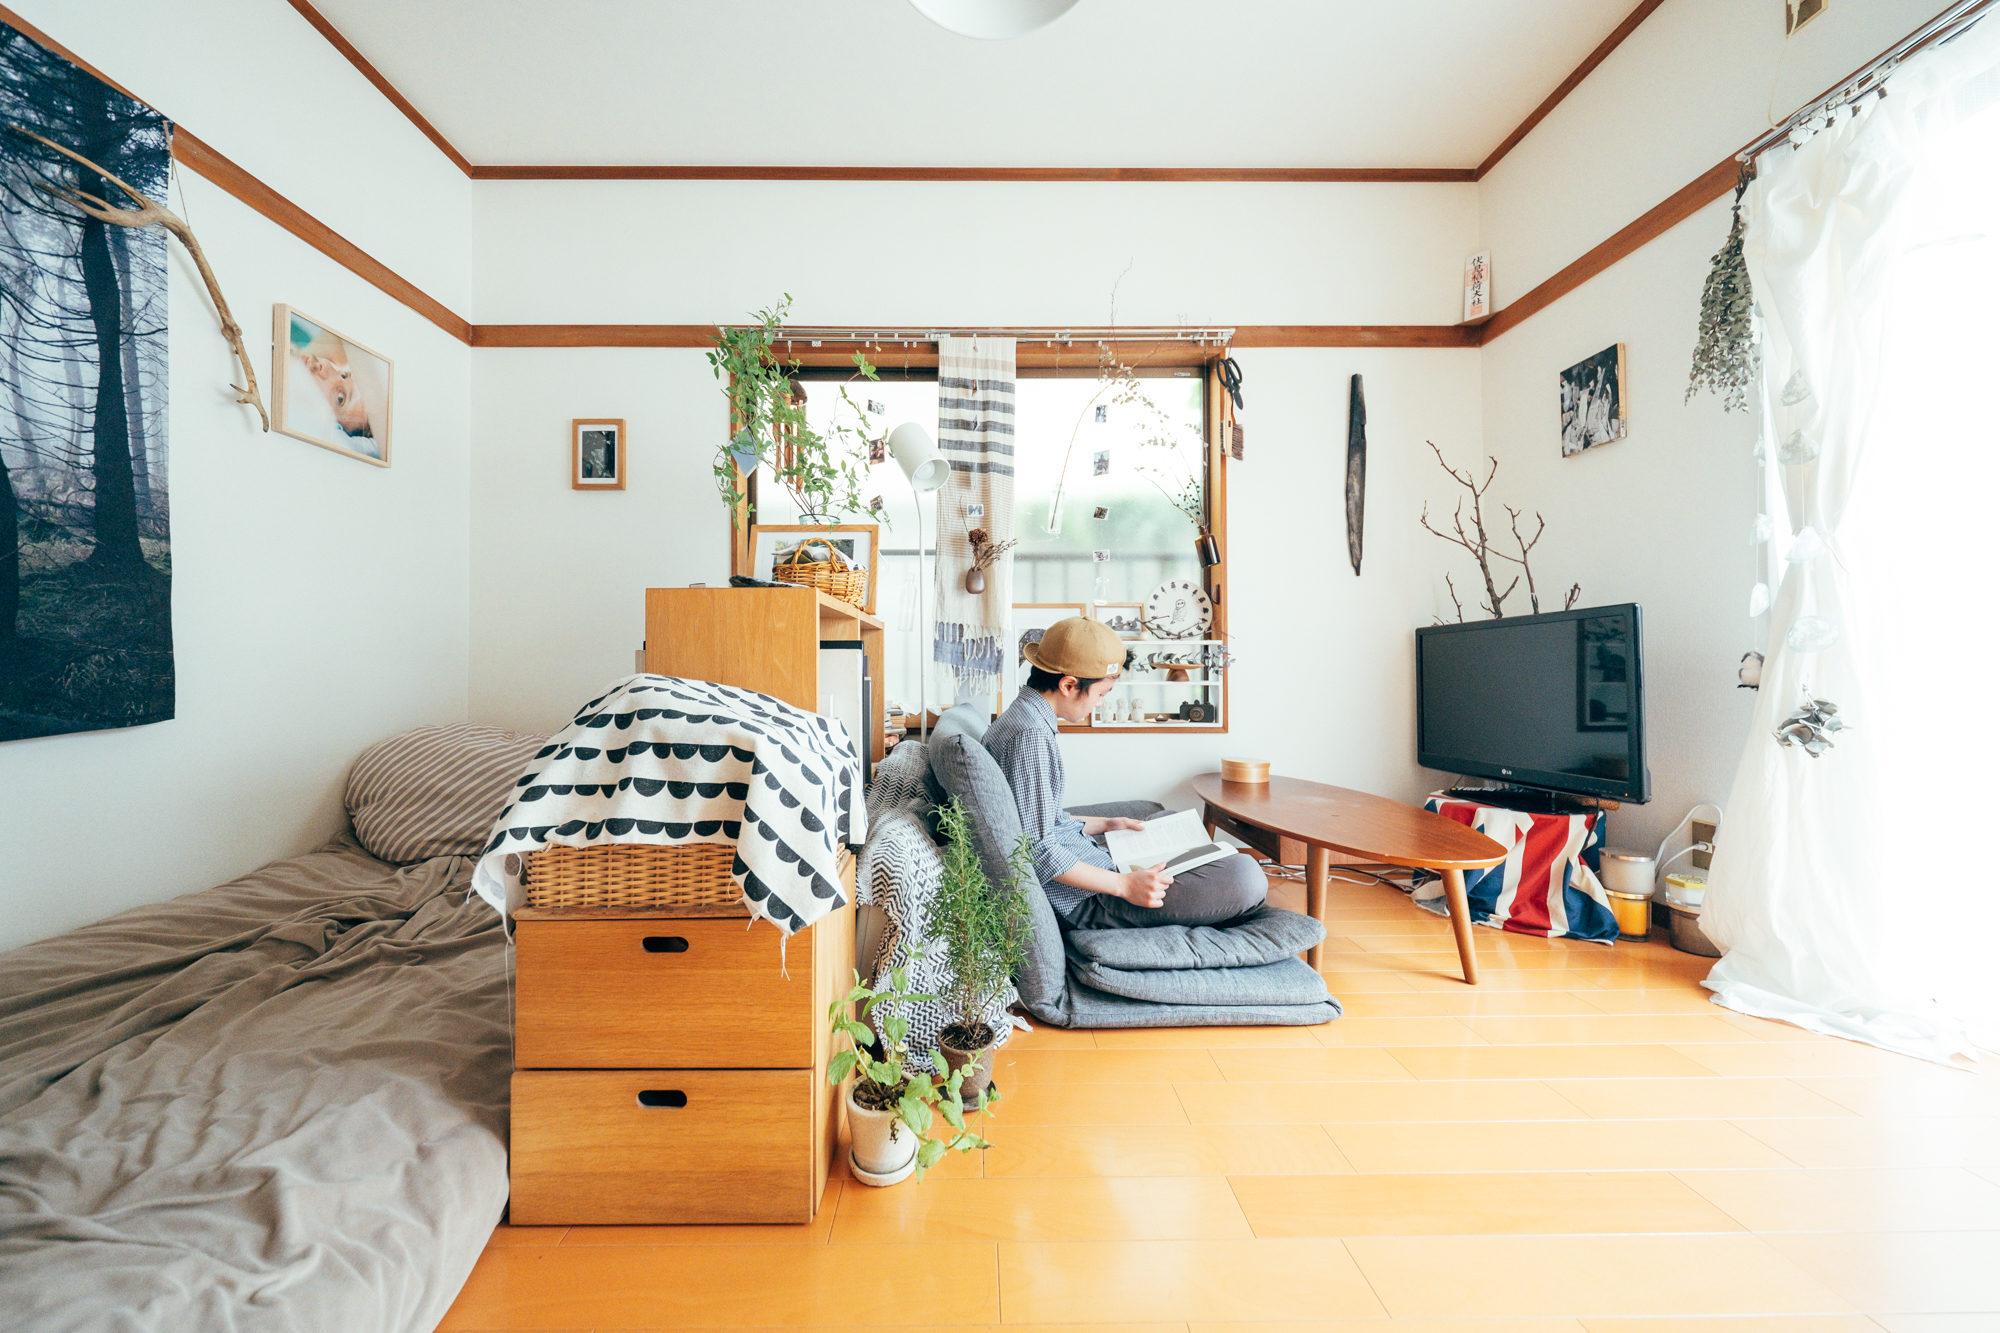 無印良品のスタッキングシェルフの棚は、部屋の間仕切りにも。ベッド側、ソファ側、どちらからも手に取りやすいのがよいです。